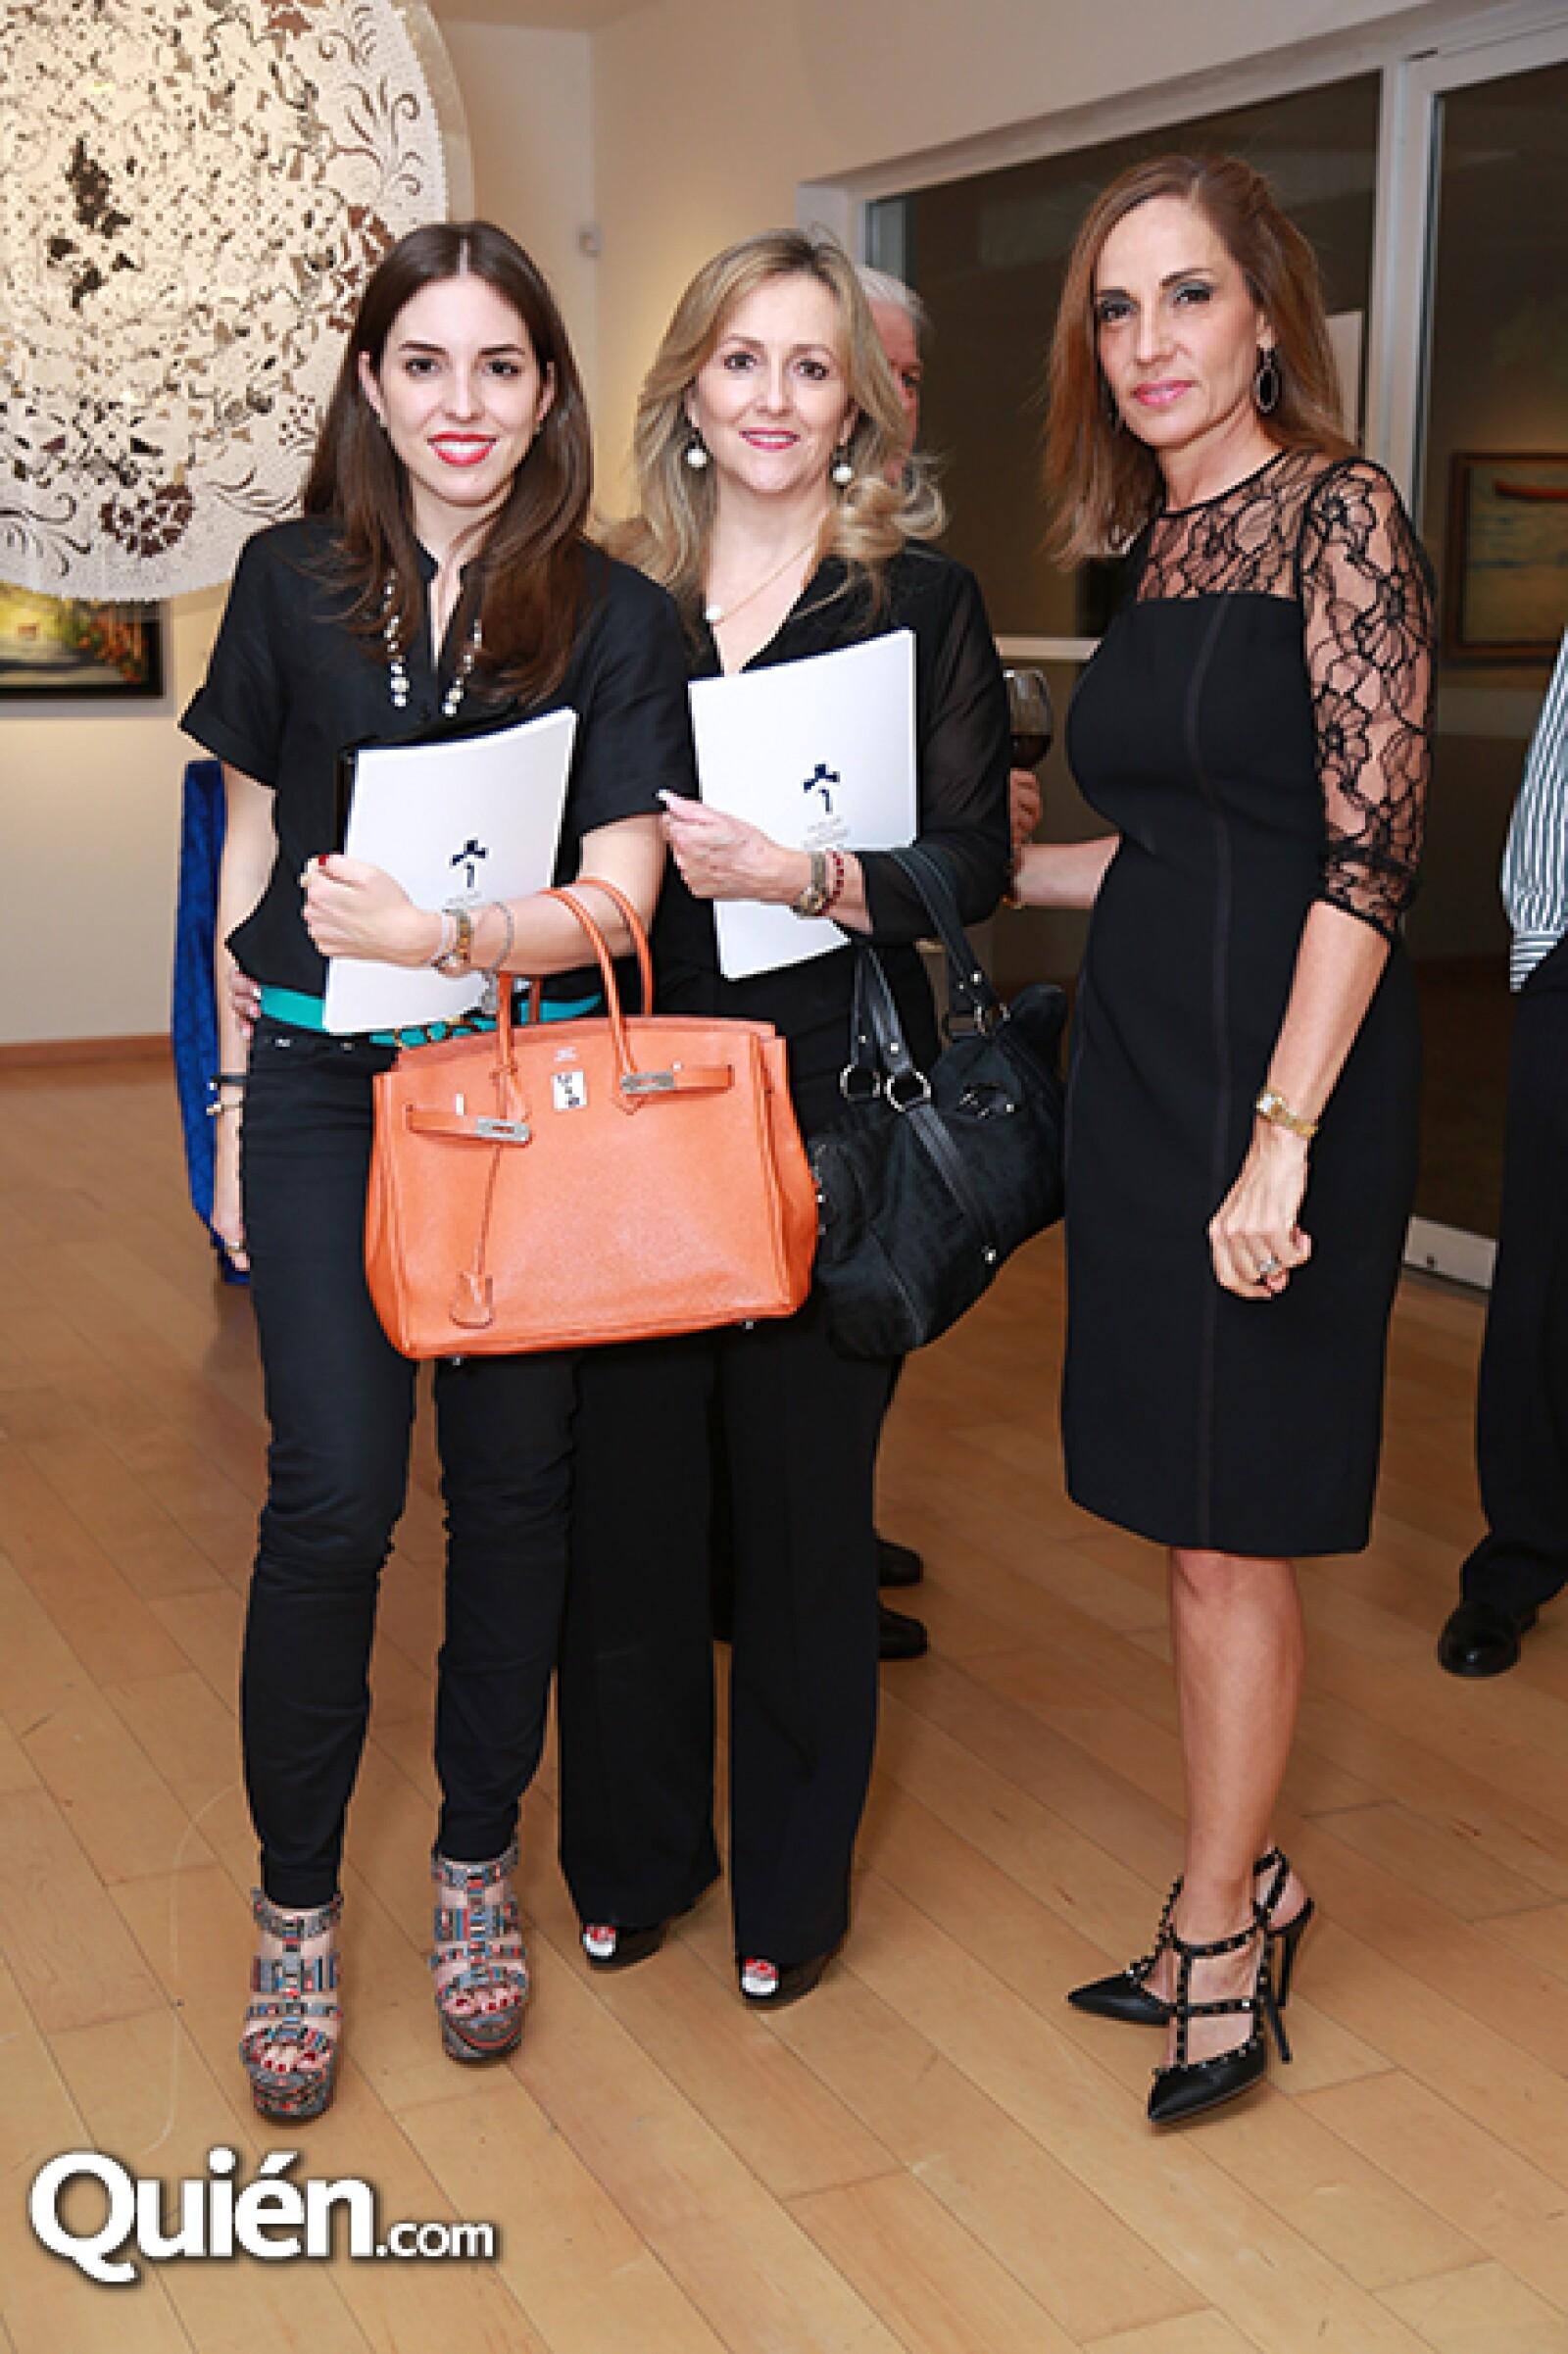 Ana Cecy Martin,Cecilia Eurza e Isabel Ruenes de Martin